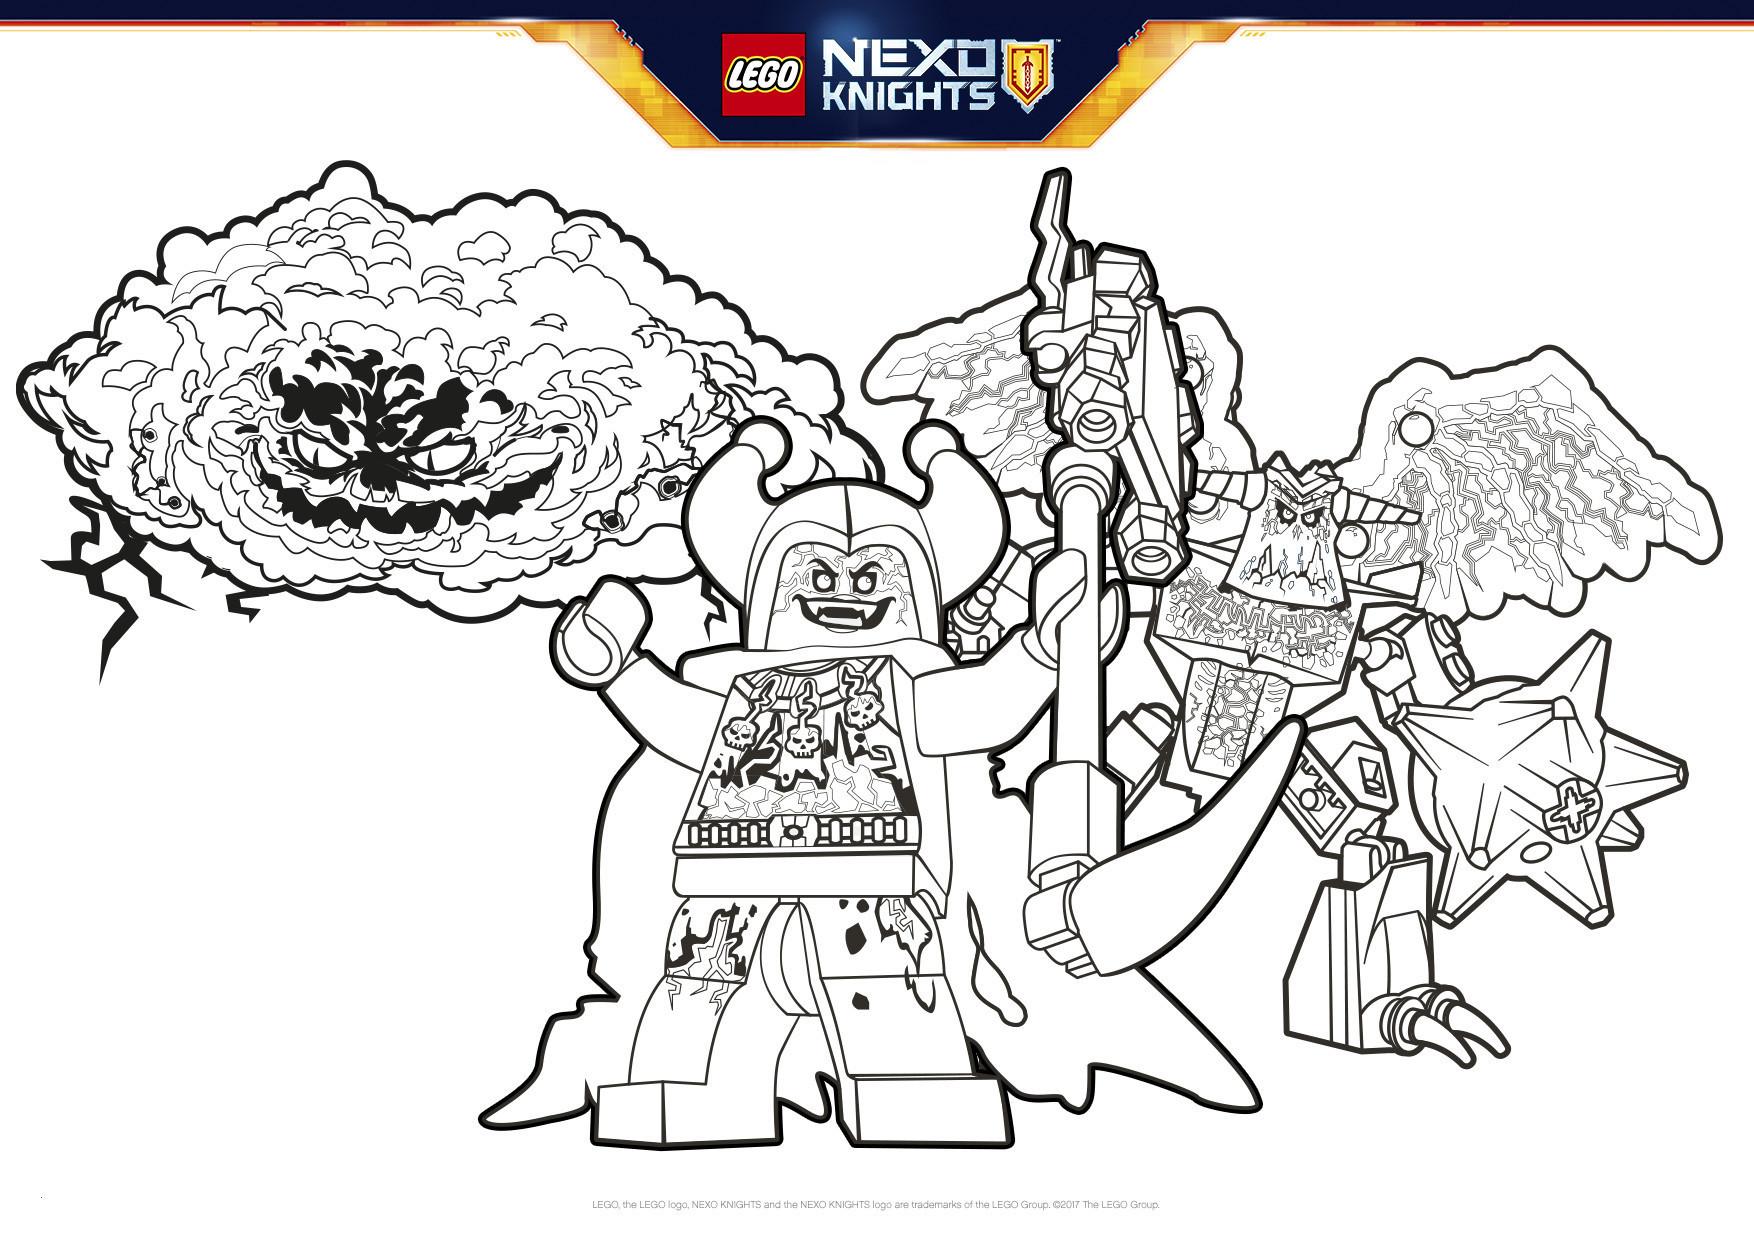 Nexo Knights Ausmalbilder Kostenlos Das Beste Von Nexo Knight Coloring Pages Unique Neues Ausmalbilder Kostenlos Lego Fotografieren